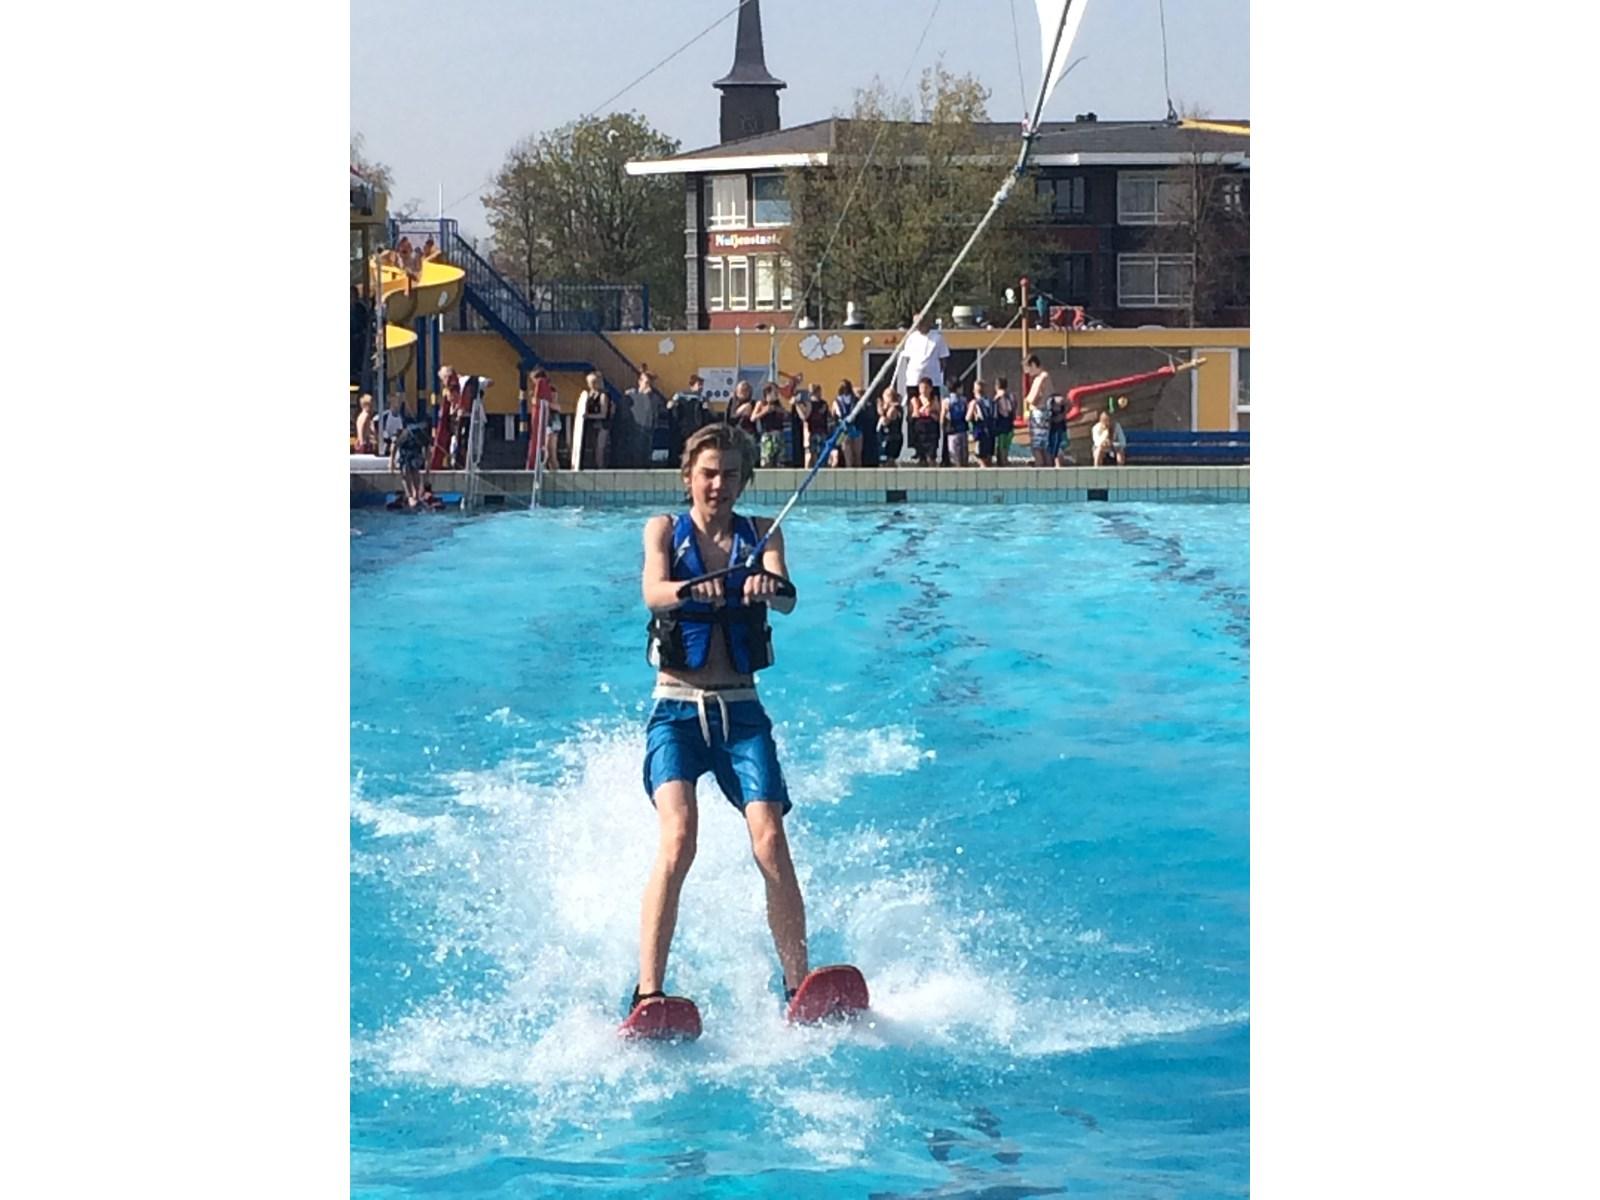 Zwembad de wijzend feestelijk geopend hoorngids de for Blokker zwembad